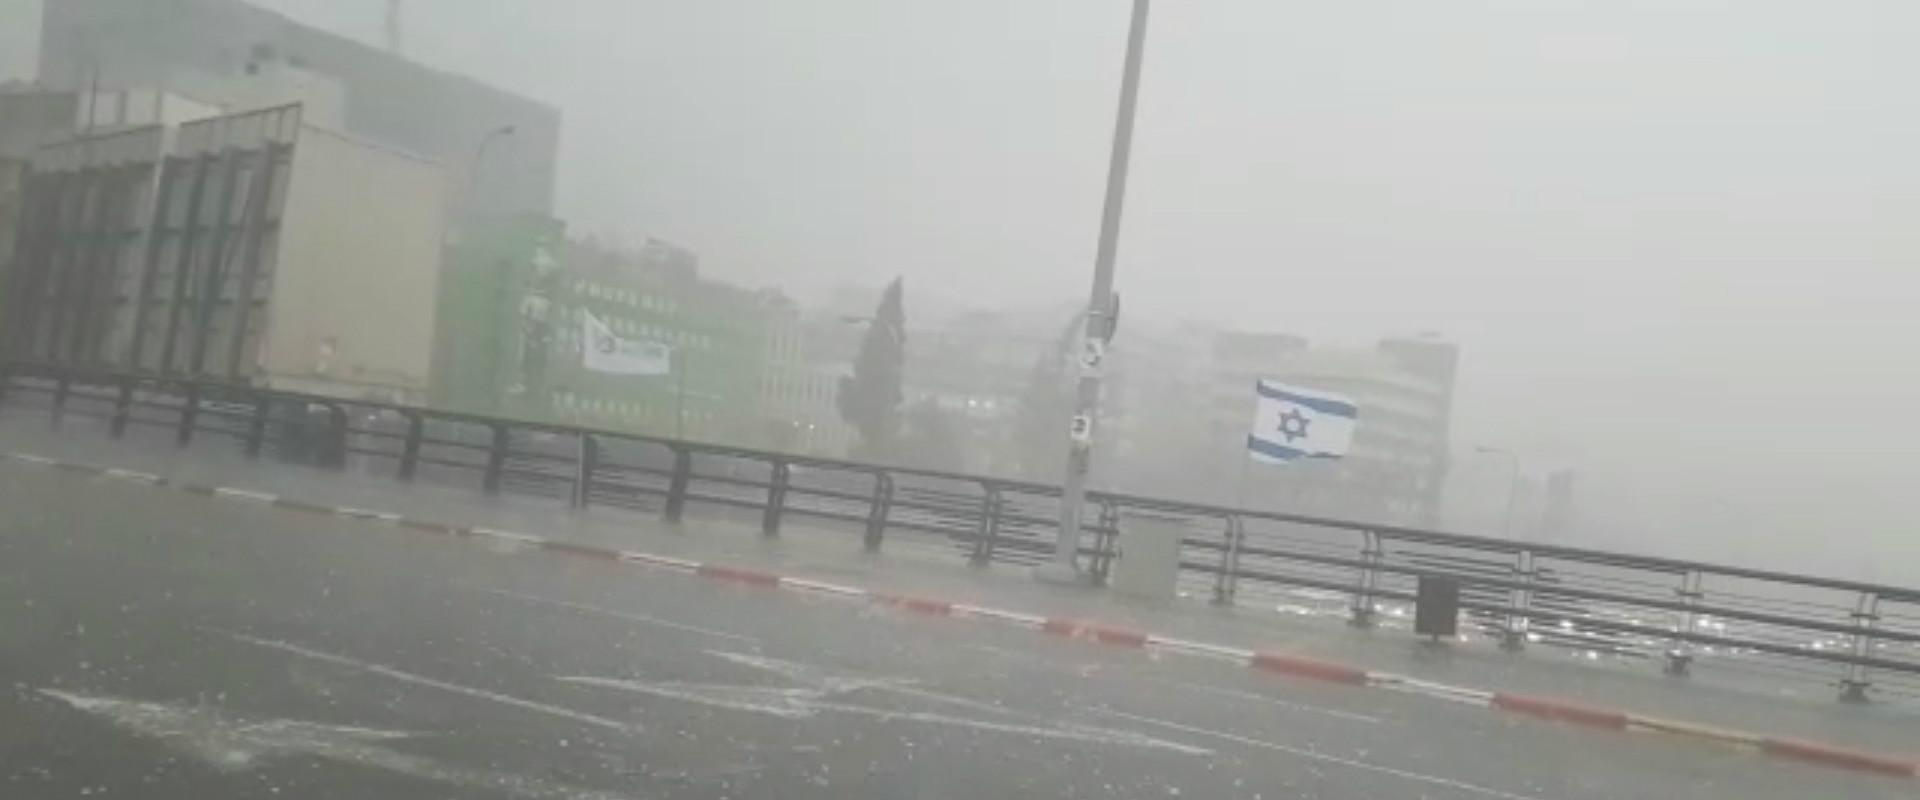 ברד בתל אביב, היום